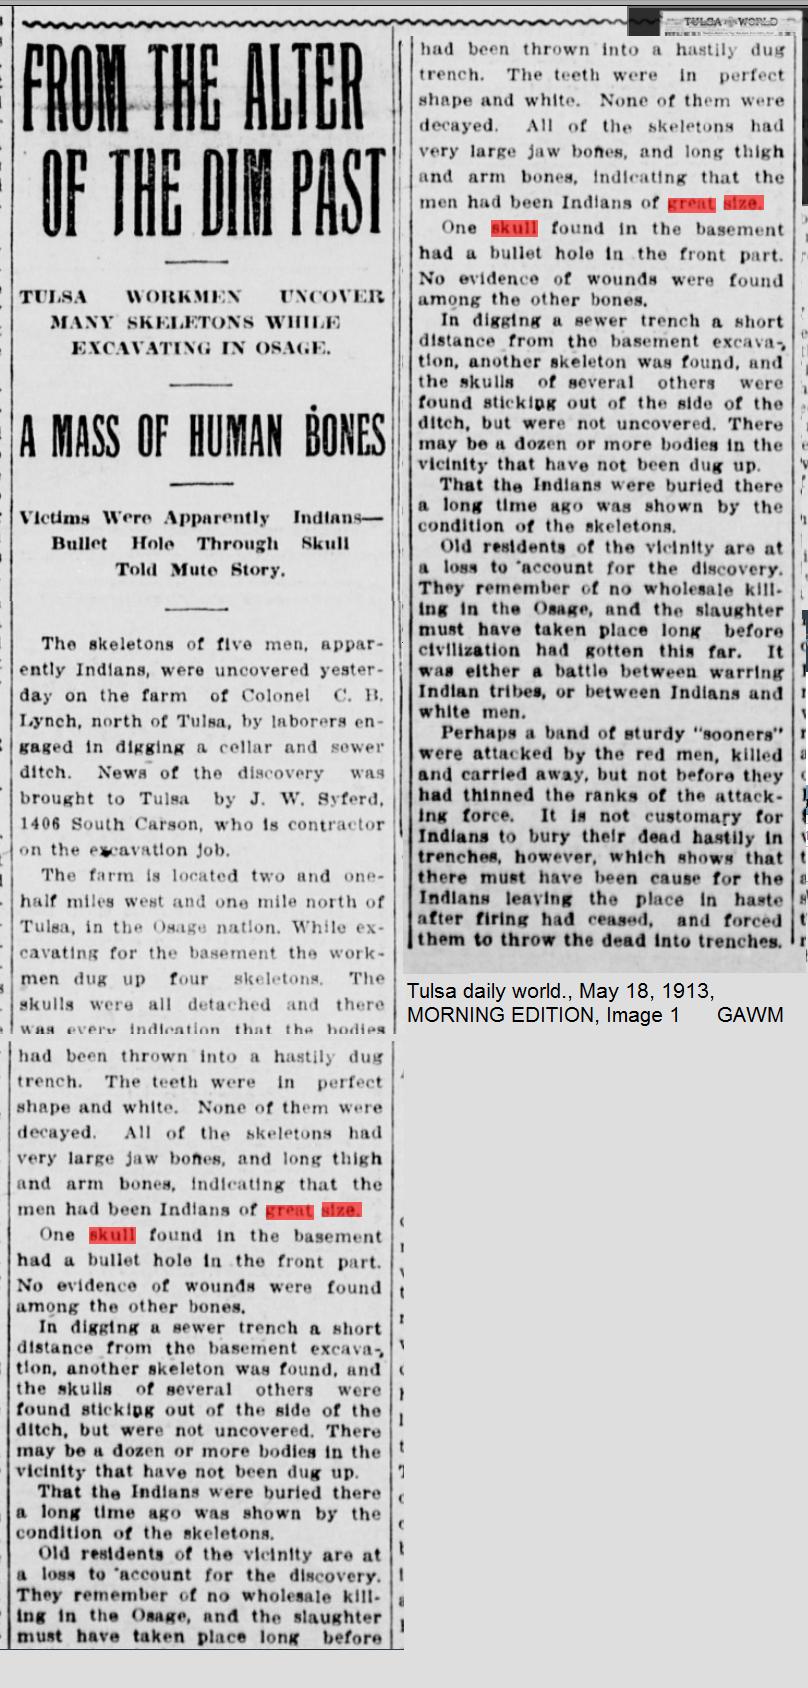 Tulsa daily world., May 18, 1913, MORNING EDITION, Image 1